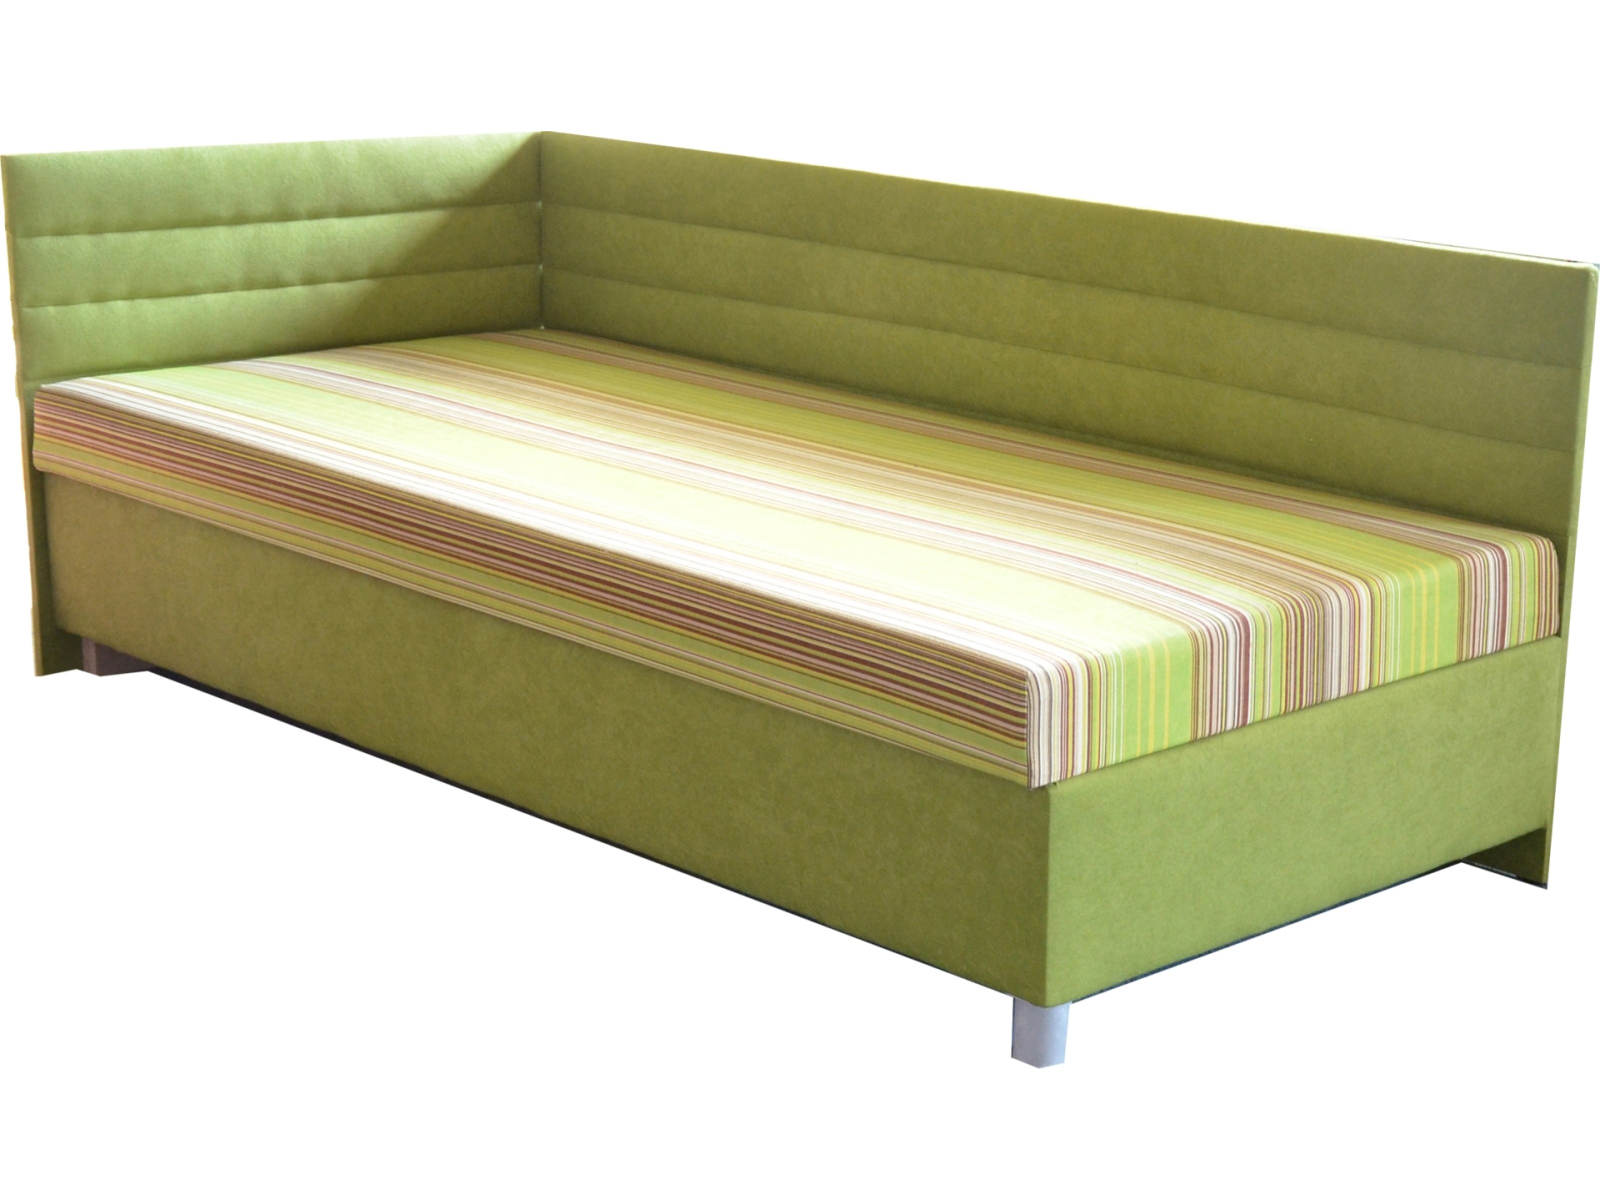 Jednolôžková posteľ (váľanda) 110 cm - Mitru - Etile 2 (so 7-zónovým matracom štandard) (L). Sme autorizovaný predajca Mitru. Vlastná spoľahlivá doprava až k Vám domov.